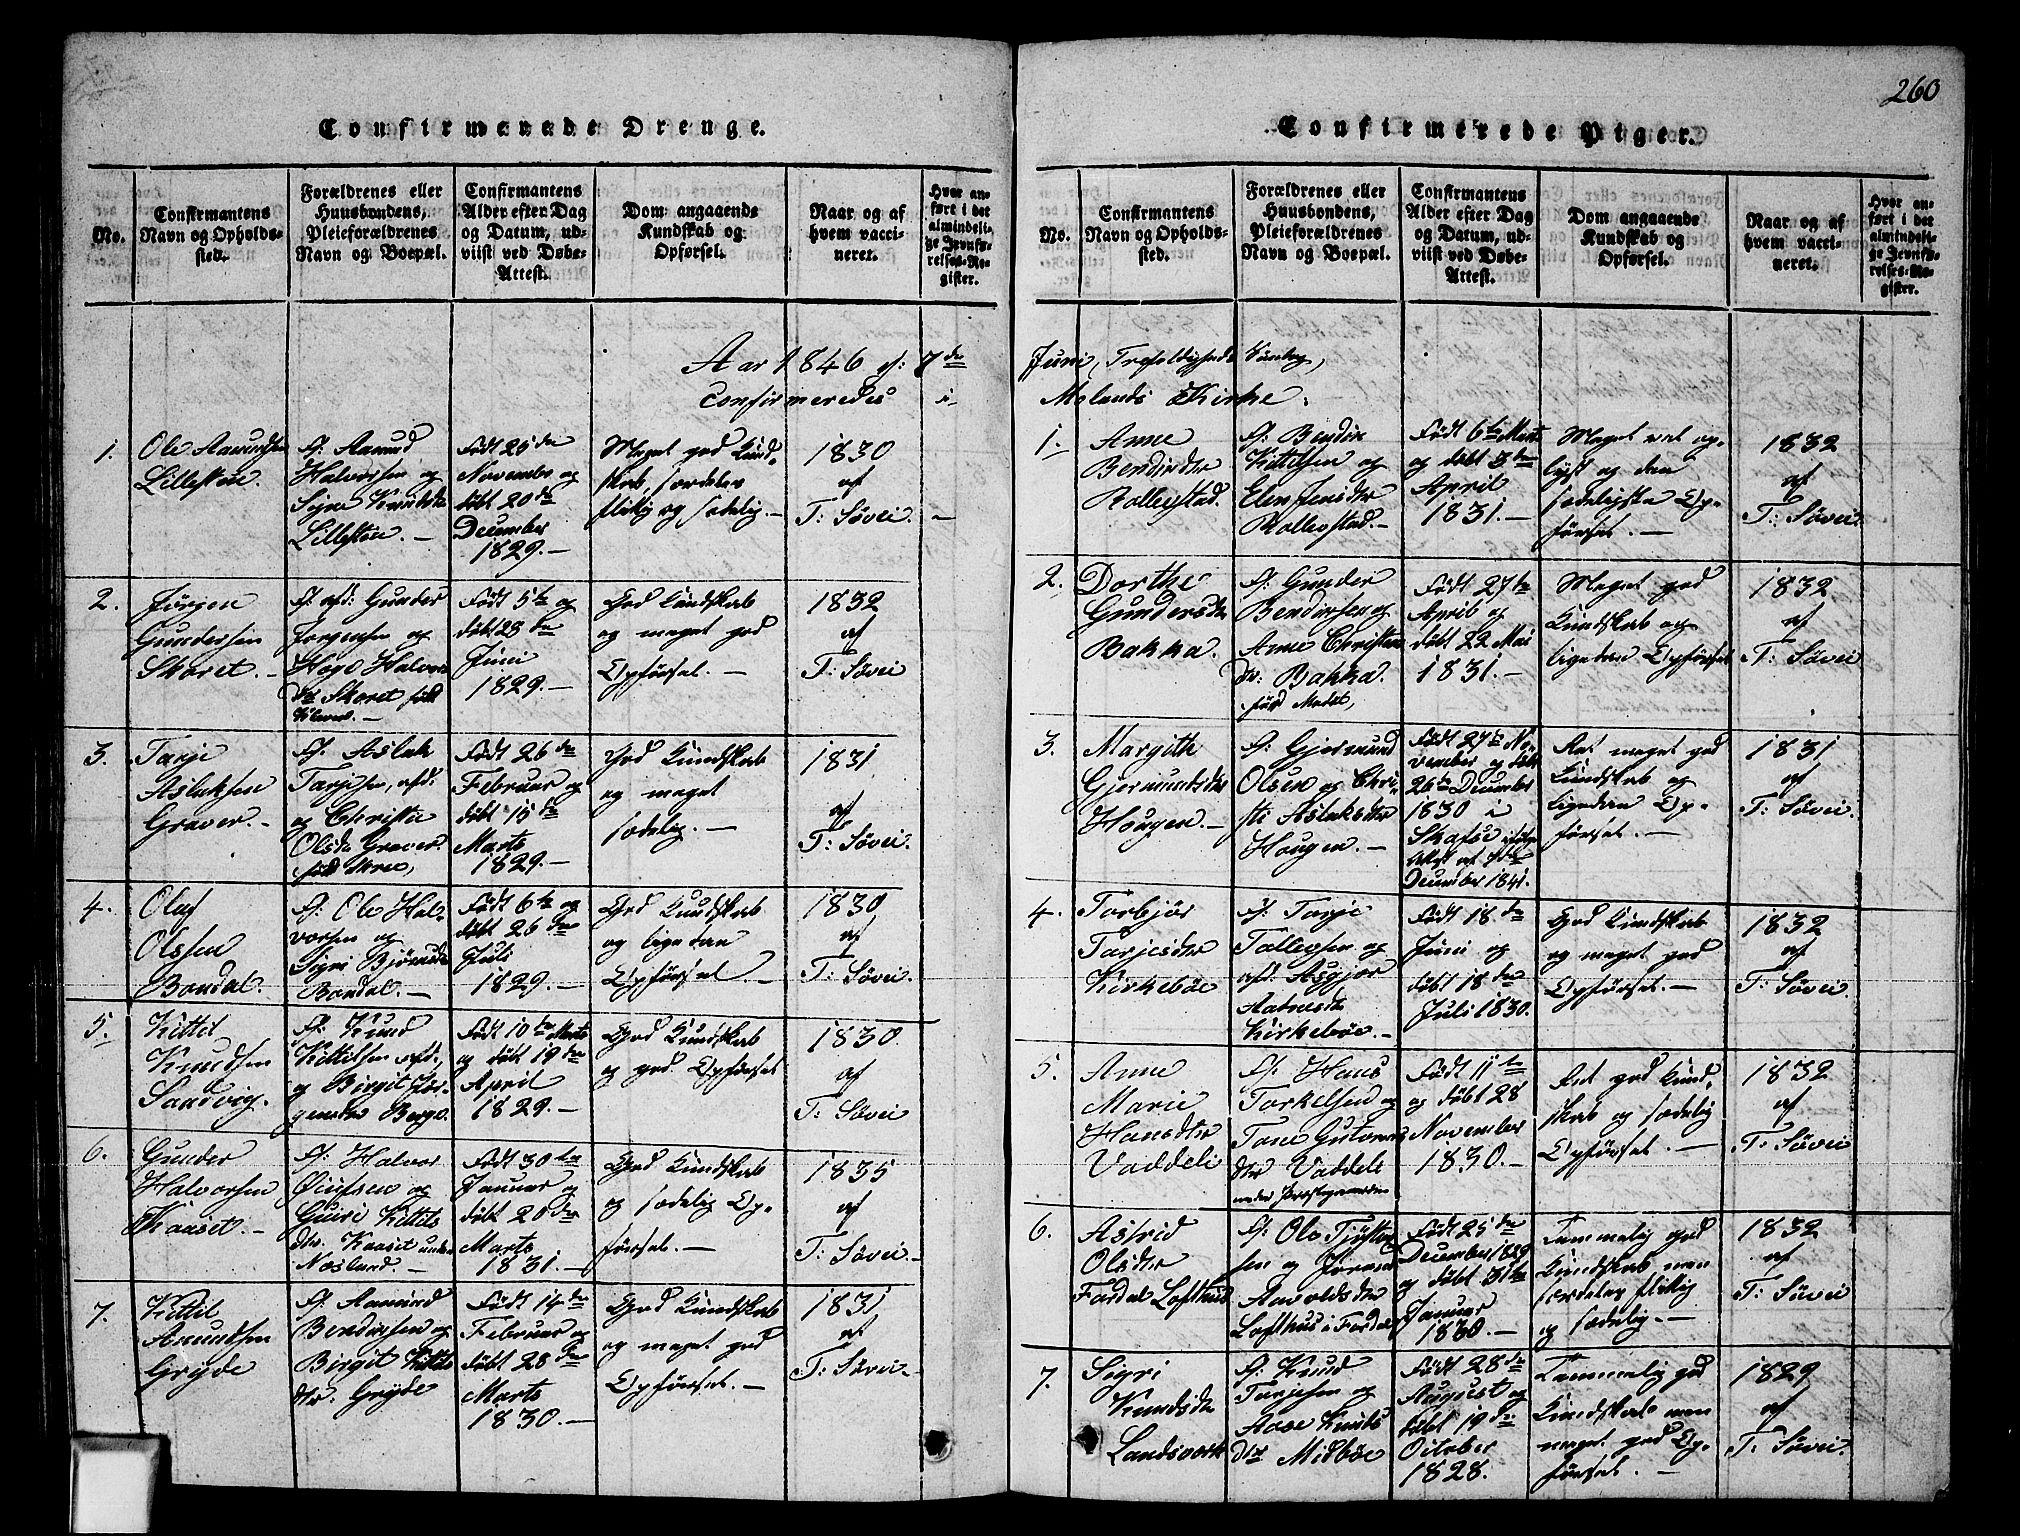 SAKO, Fyresdal kirkebøker, G/Ga/L0002: Klokkerbok nr. I 2, 1815-1857, s. 260